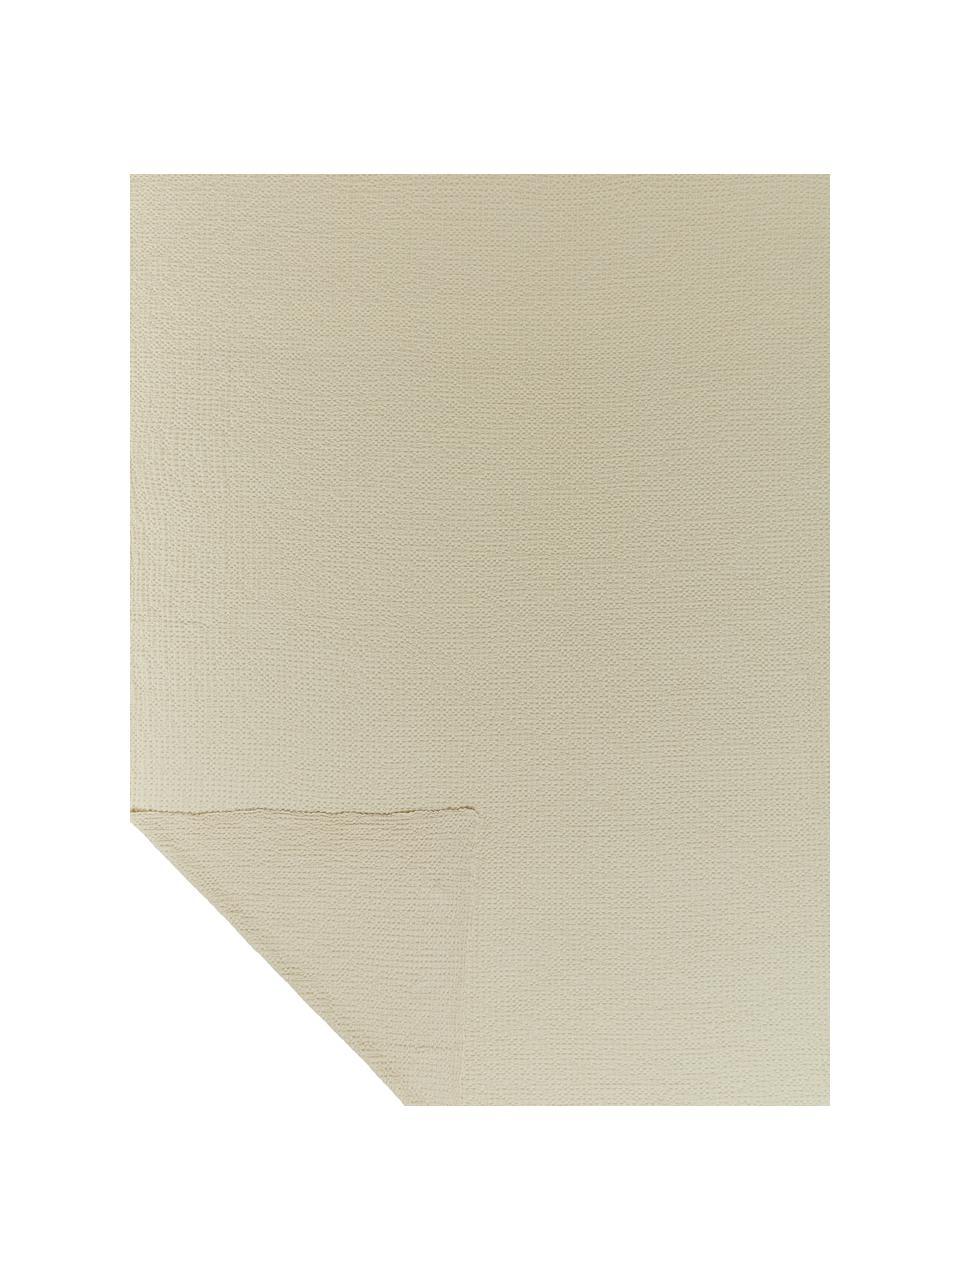 Narzuta ze strukturalną powierzchnią Vigo, 100% bawełna, Biały, 220 x 240 cm (do łóżek od 160 x 200)